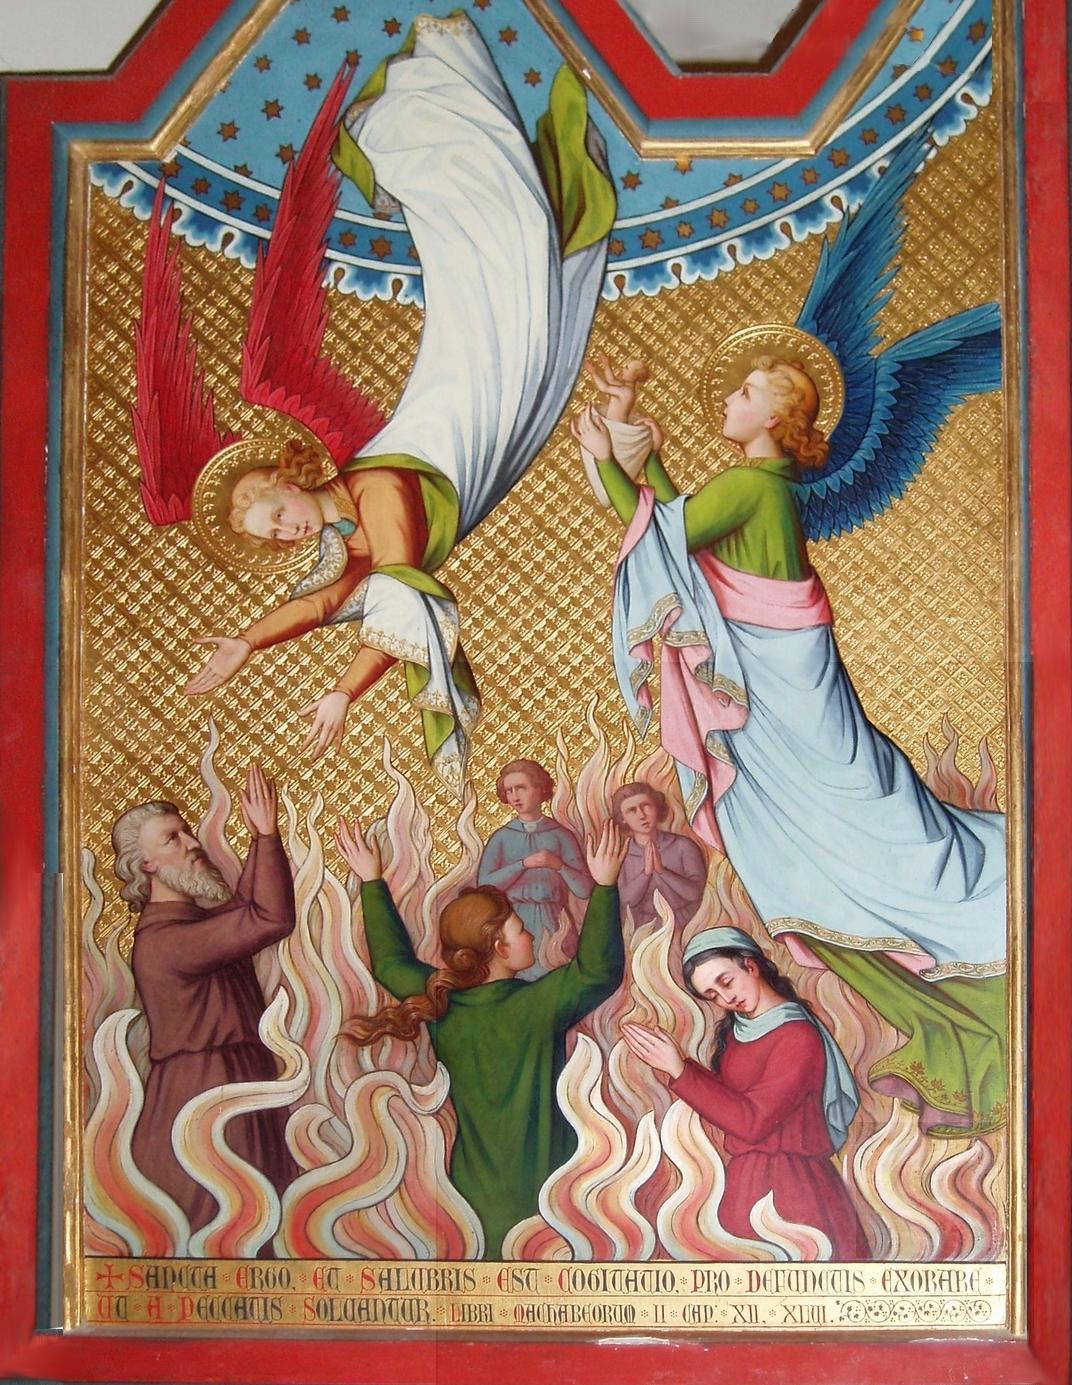 CALENDRIER CATHOLIQUE 2019 (Cantiques, Prières & Images) - Page 14 Le-purgatoire-56be5e0